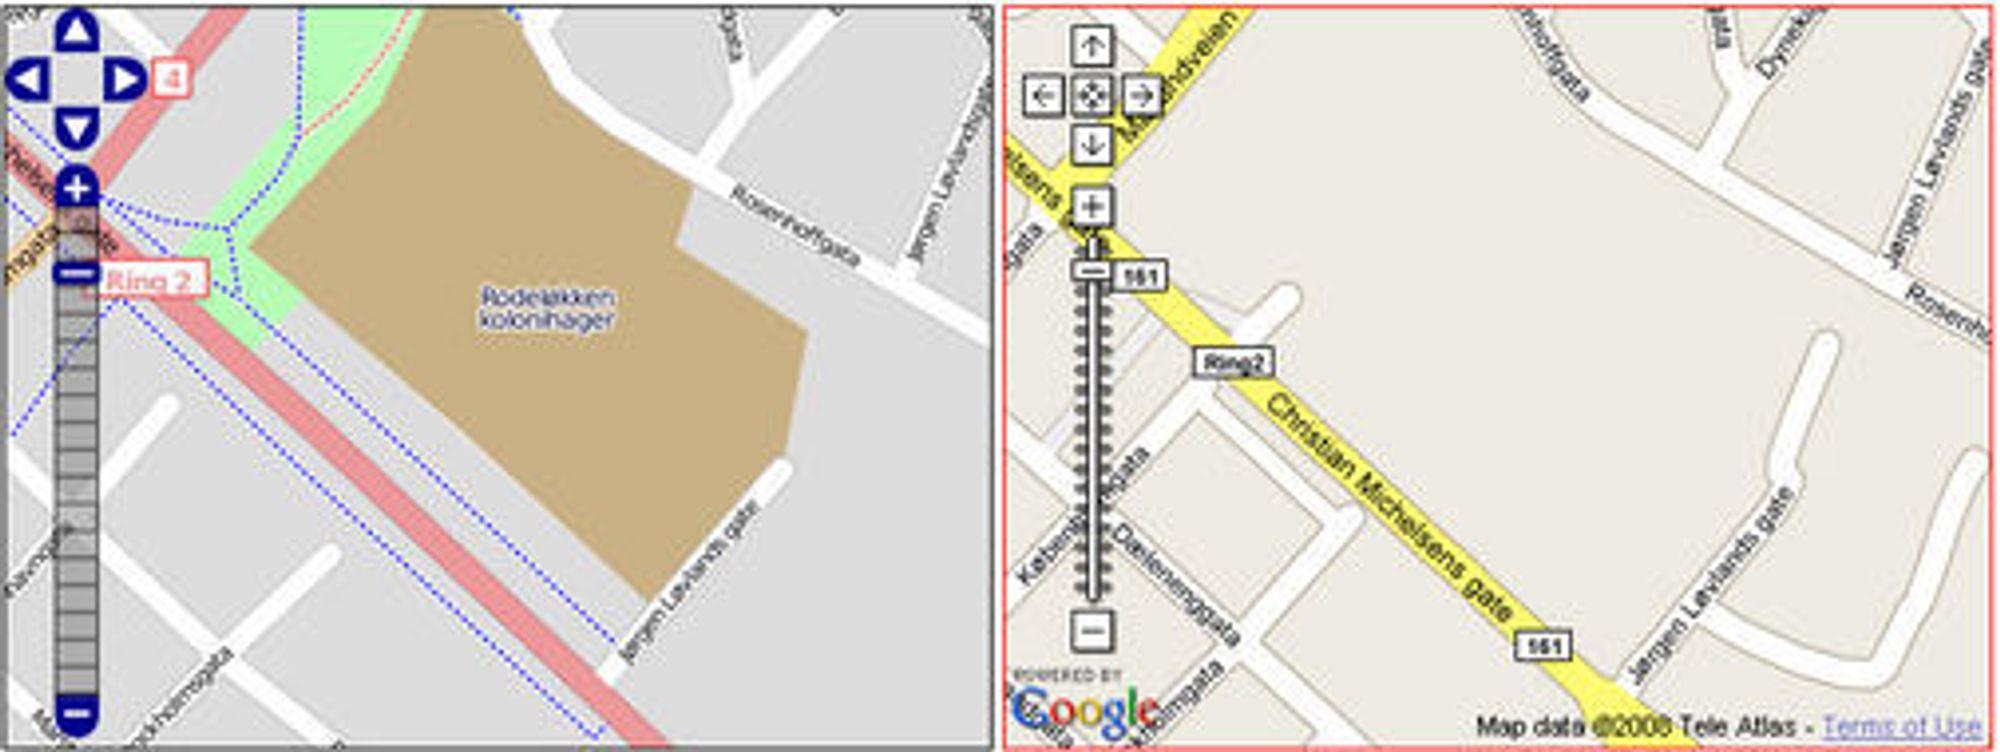 Sammenligning mellom OpenStreetMap og Google Maps fra Rodeløkka i Oslo.